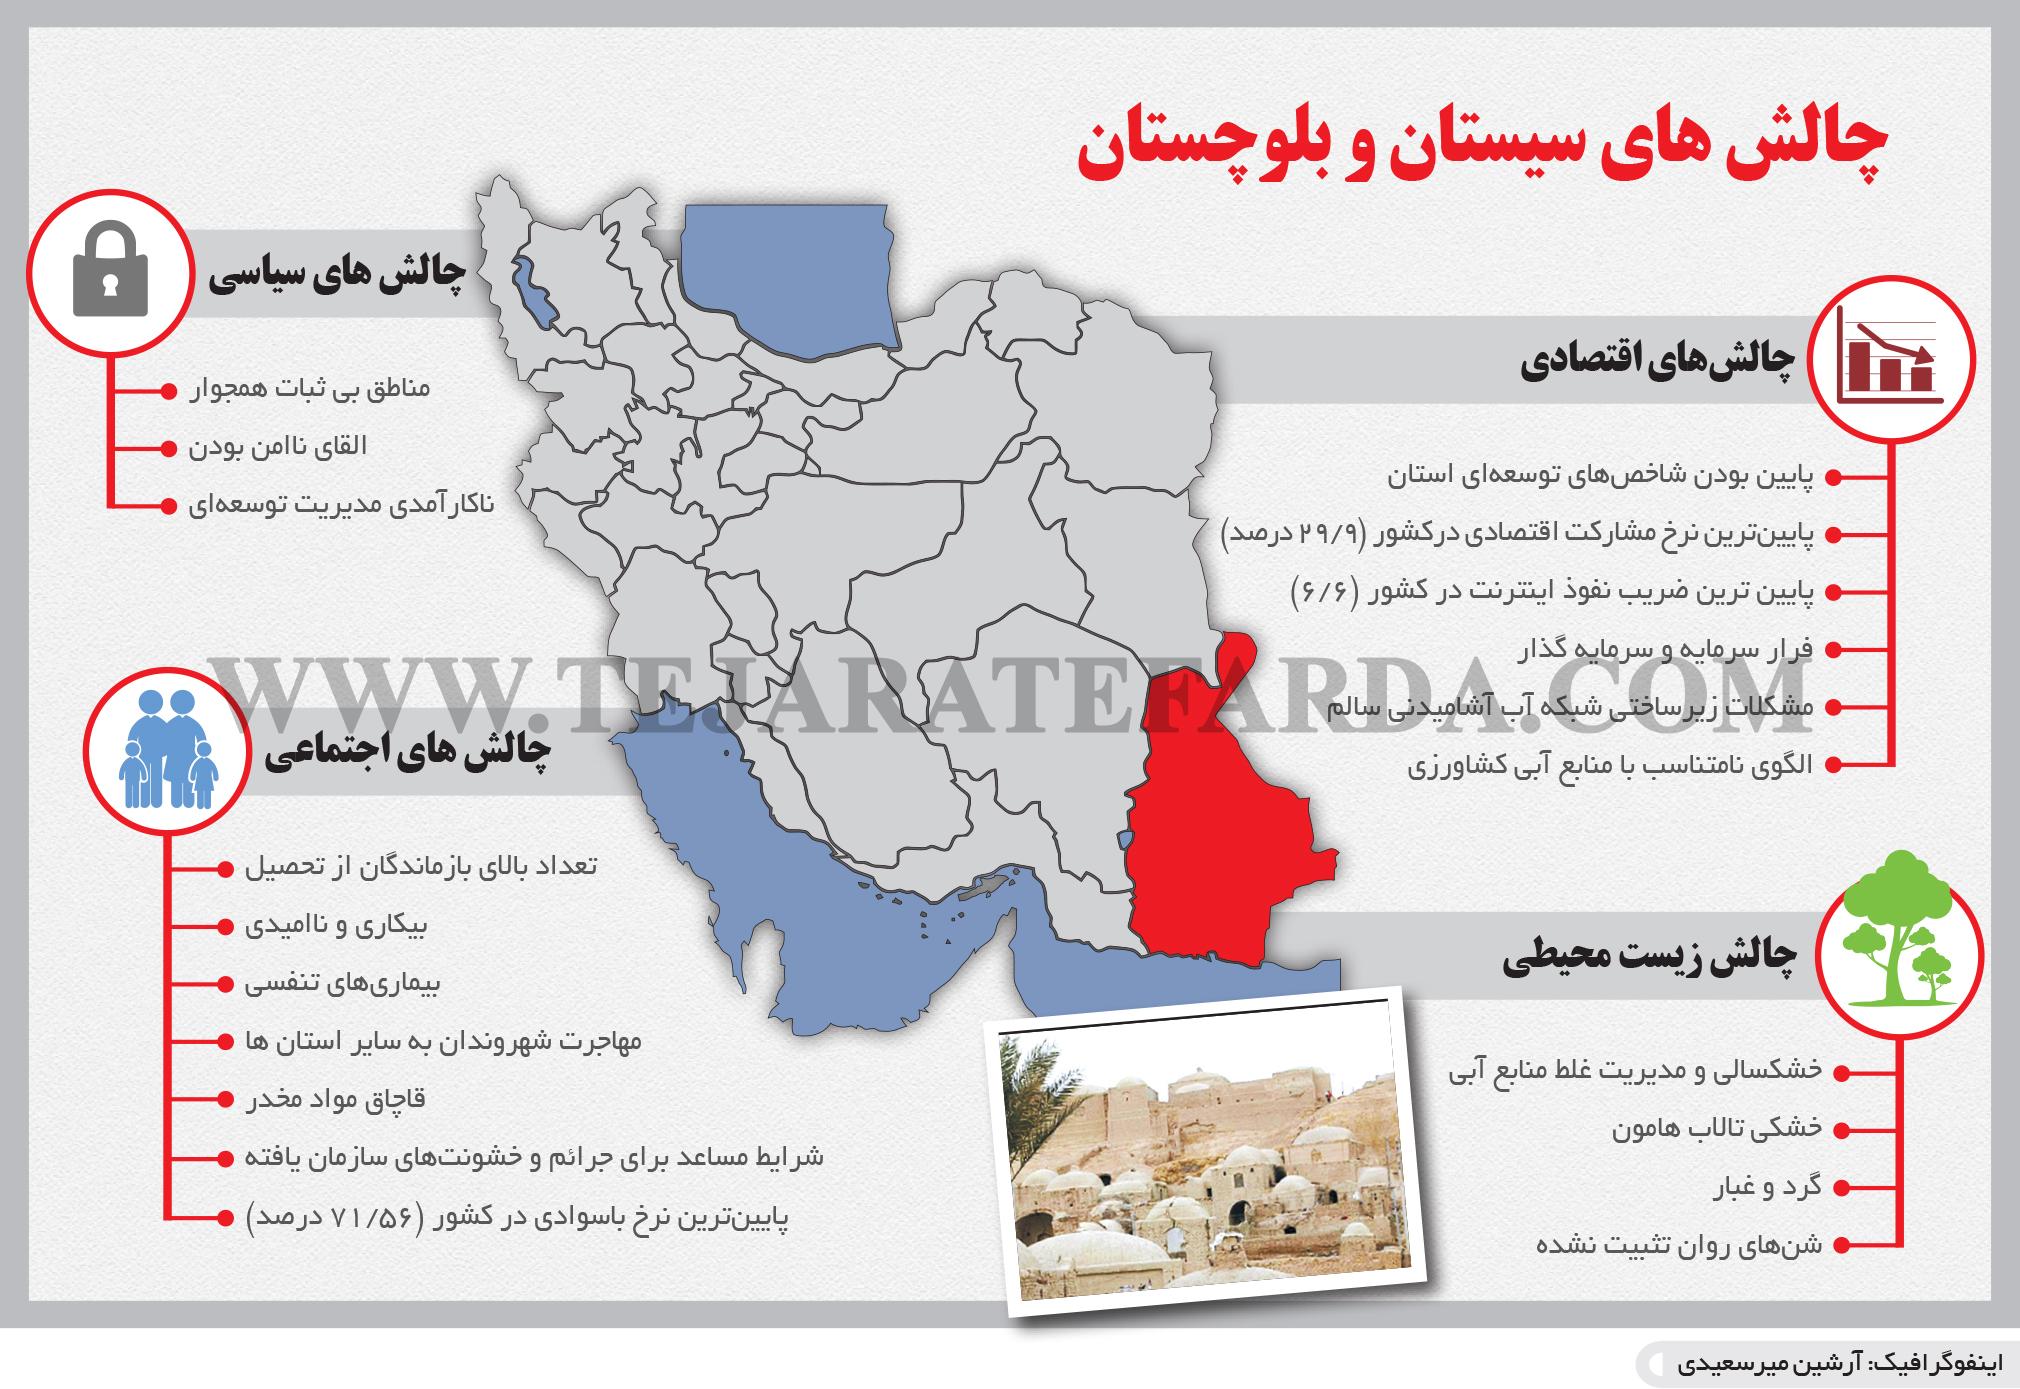 تجارت- فردا- چالش های سیستان و بلوچستان(اینفوگرافیک)